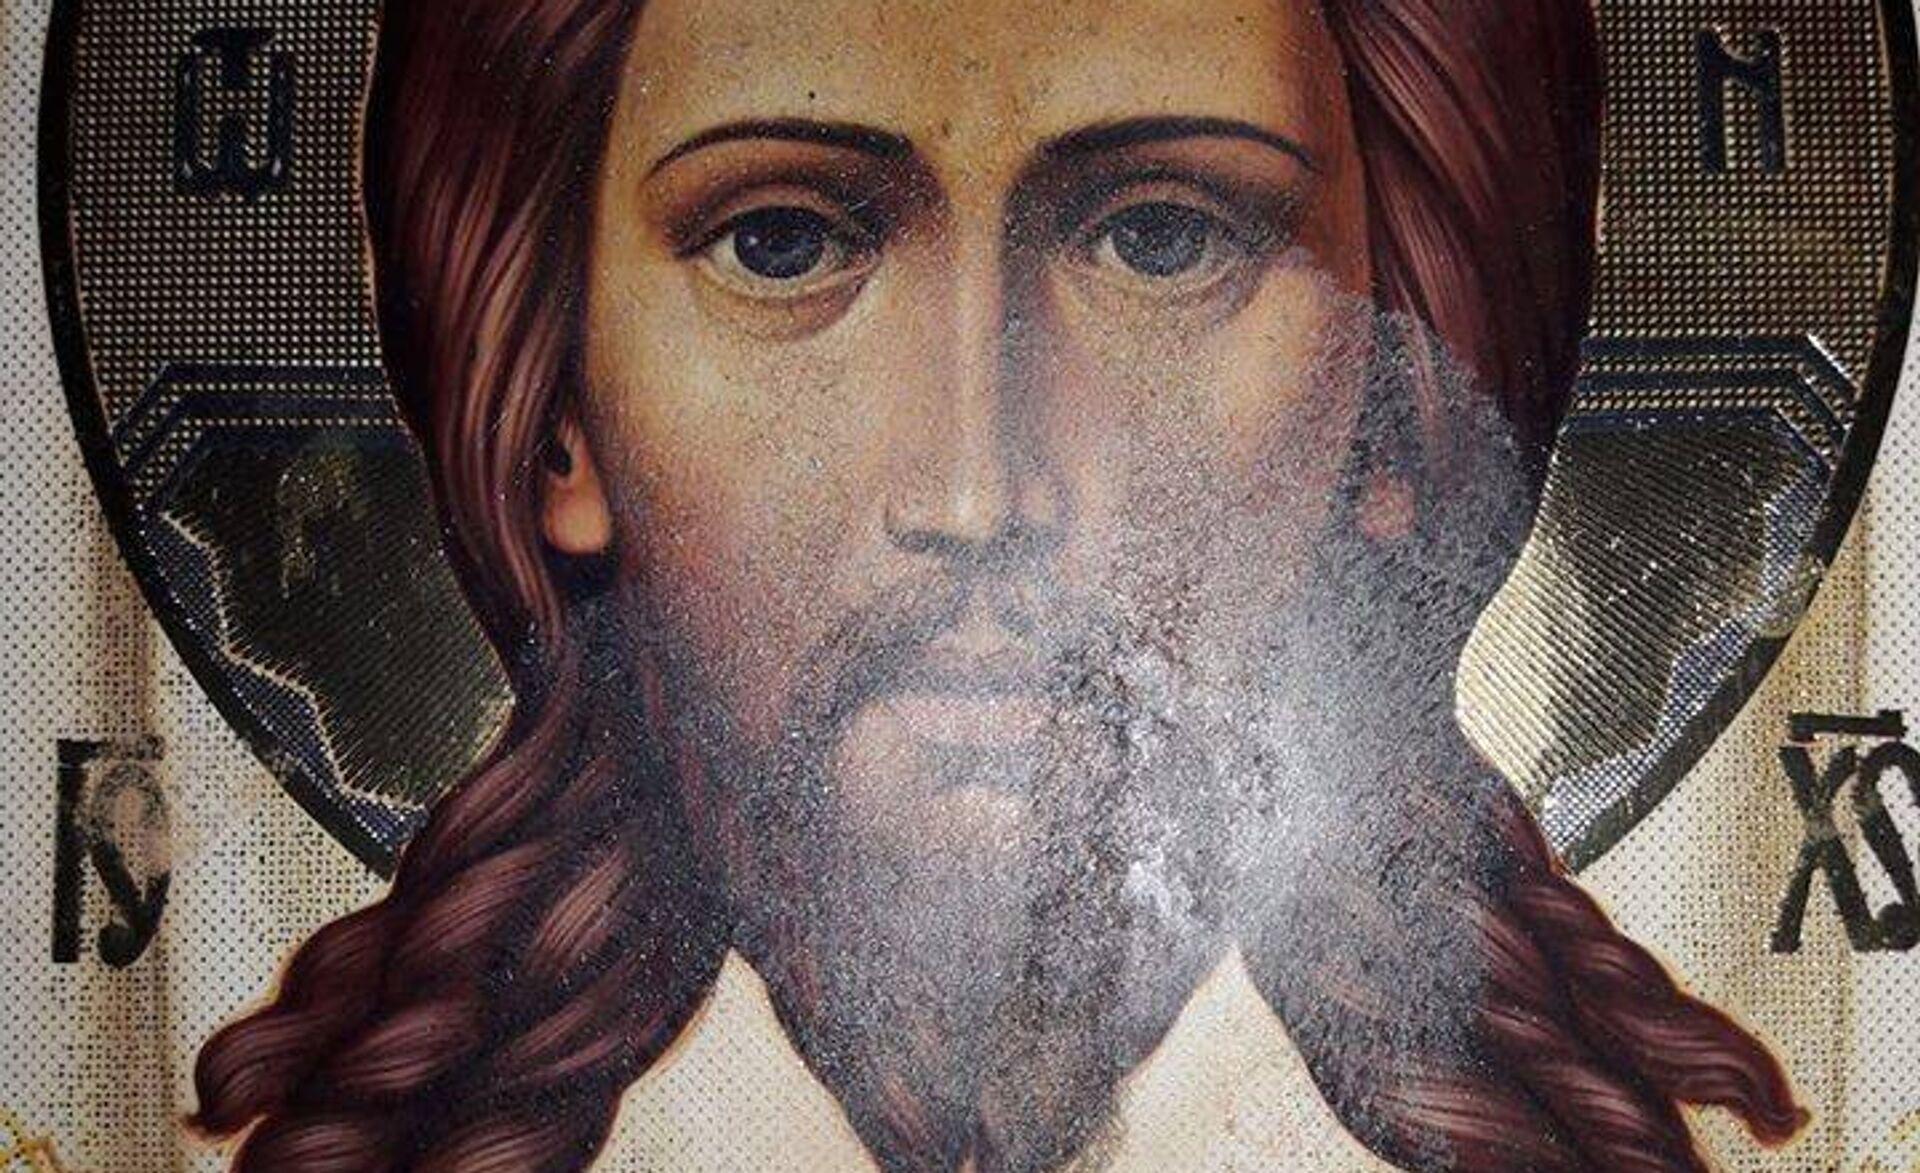 ტკბილი იესოს სასწაულმოქმედი ხატი - Sputnik საქართველო, 1920, 21.09.2016